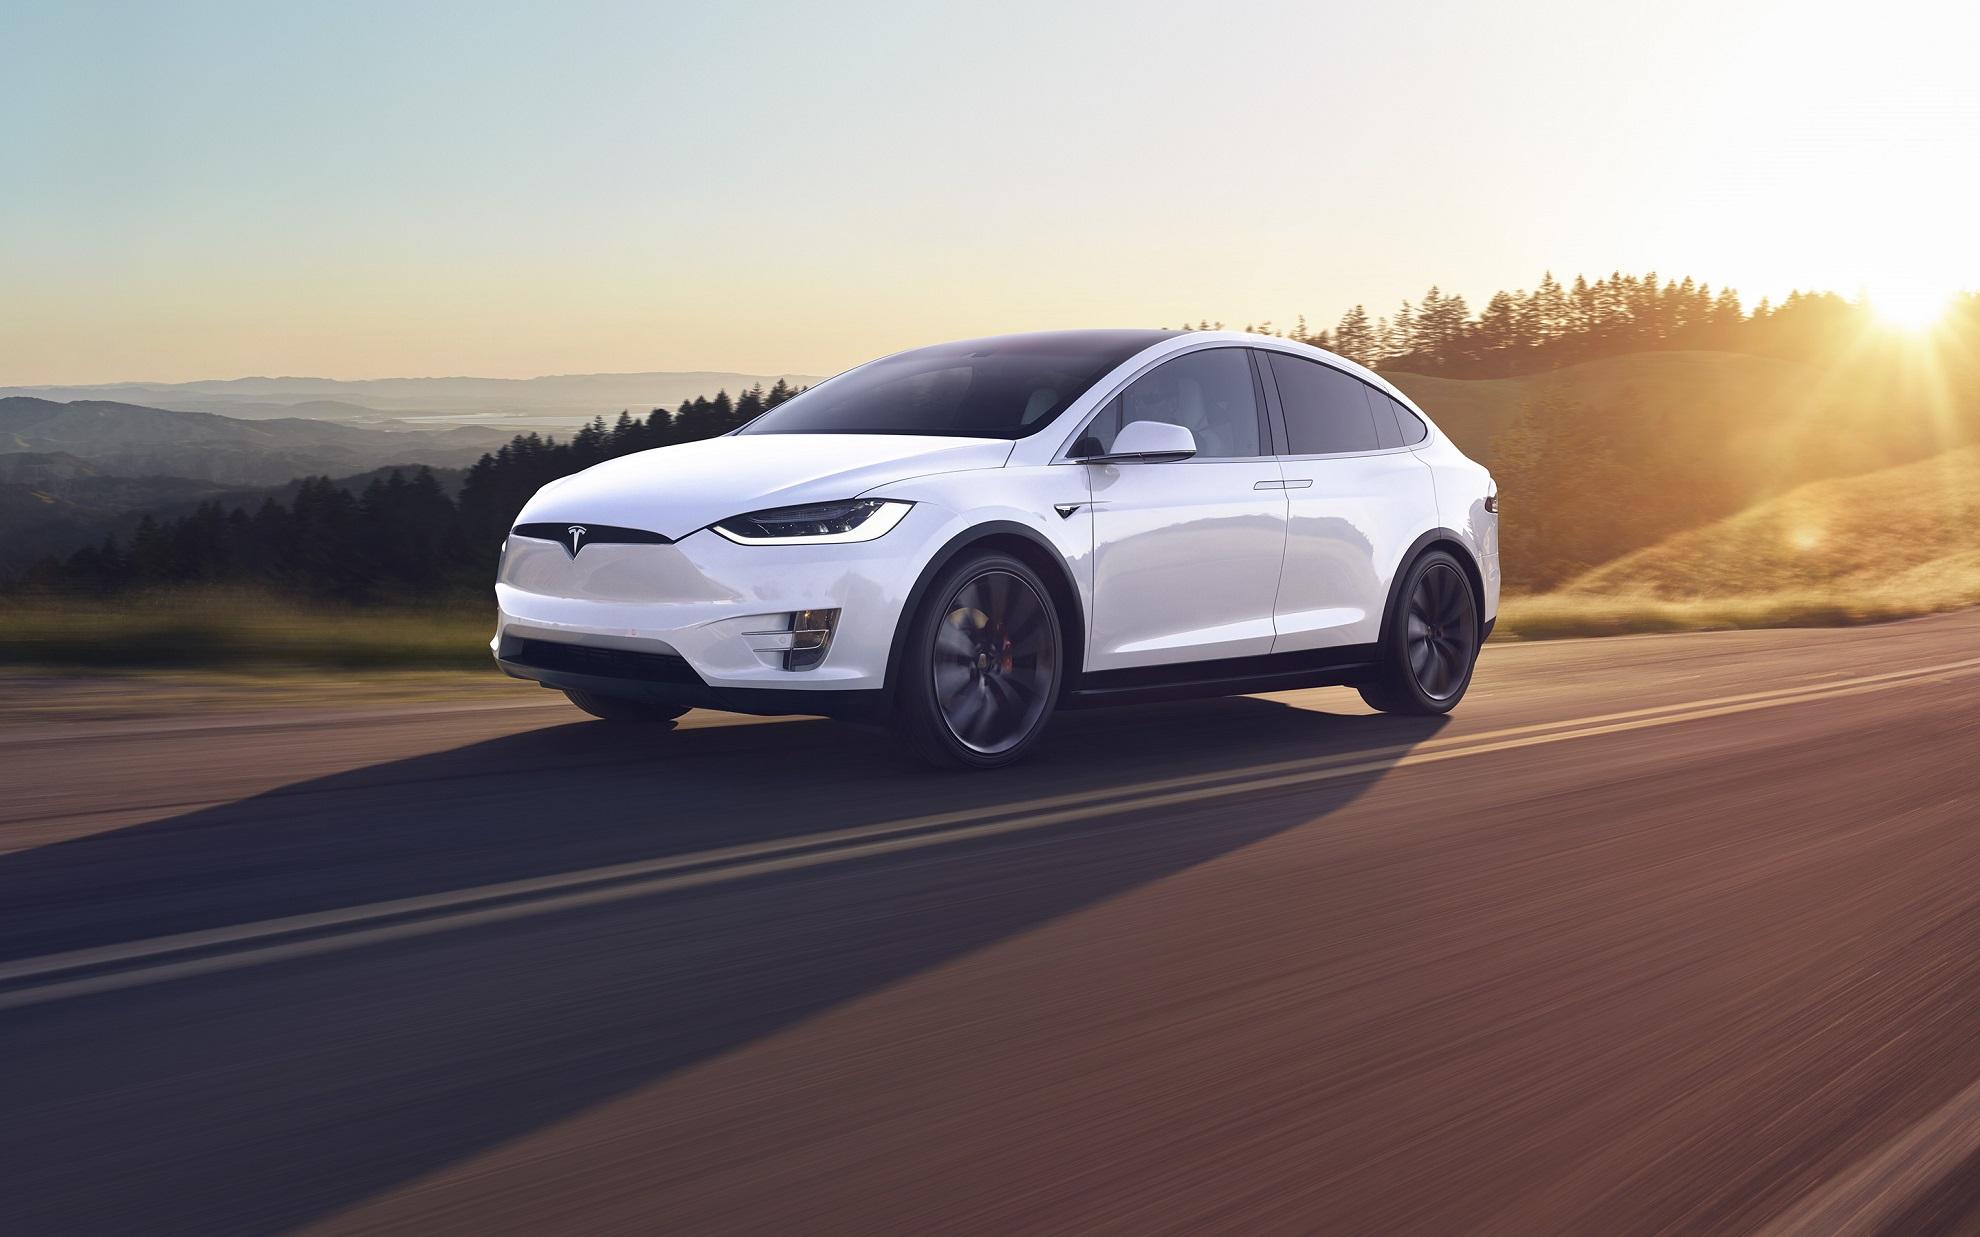 Πόσο εύκολο είναι να χαράξεις και να κλέψεις ένα Tesla Model X;